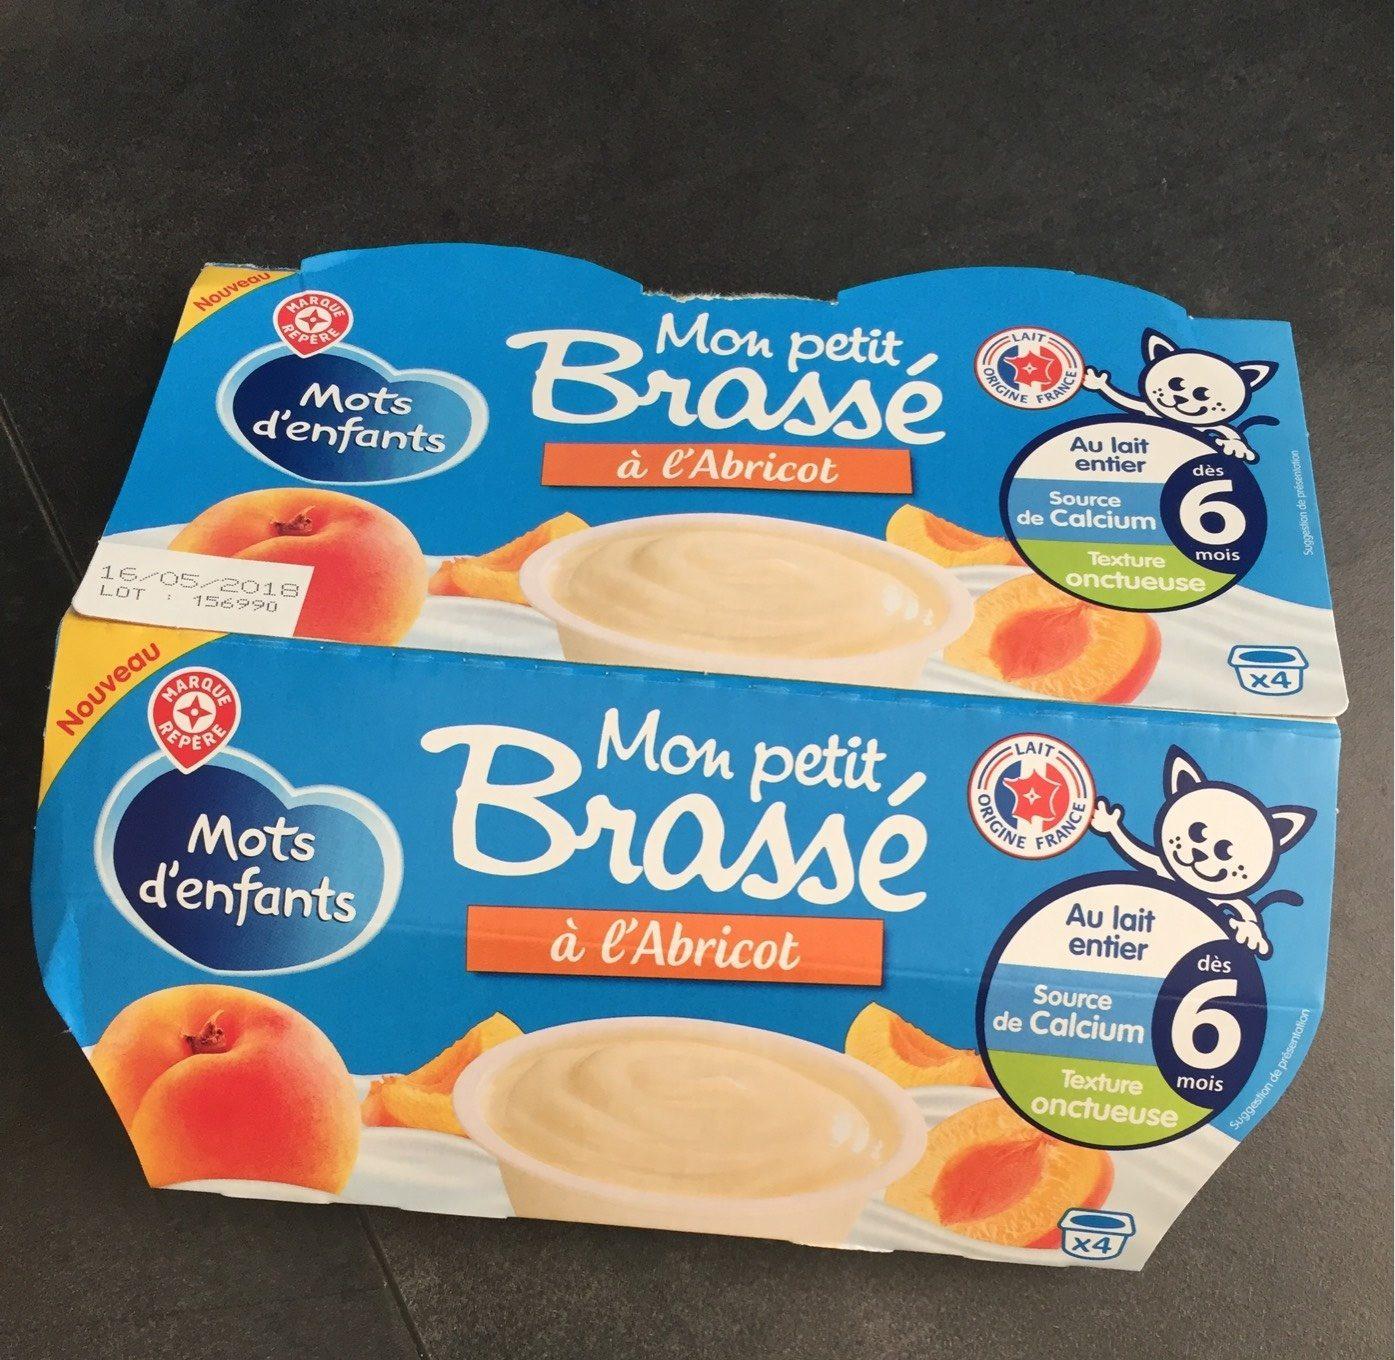 Mon Petit Brassé À L'abricot - Mots D'enfants intérieur Mot Pour Enfant